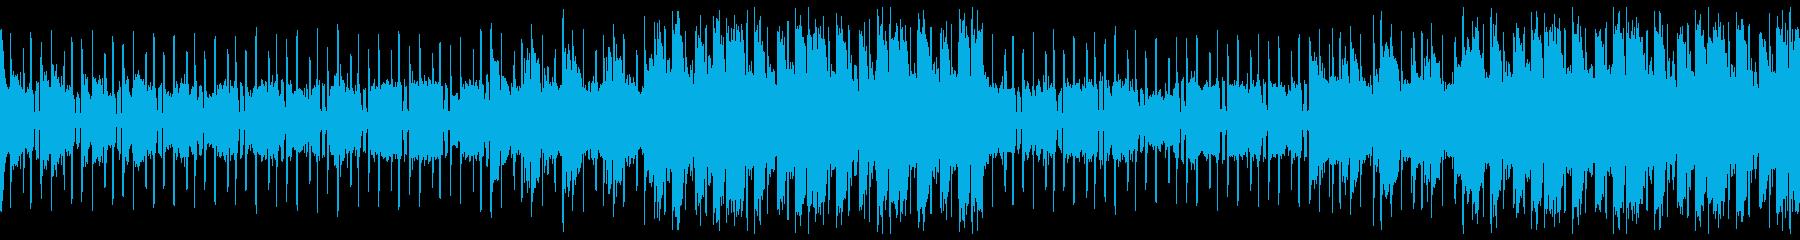 ループバージョンの再生済みの波形